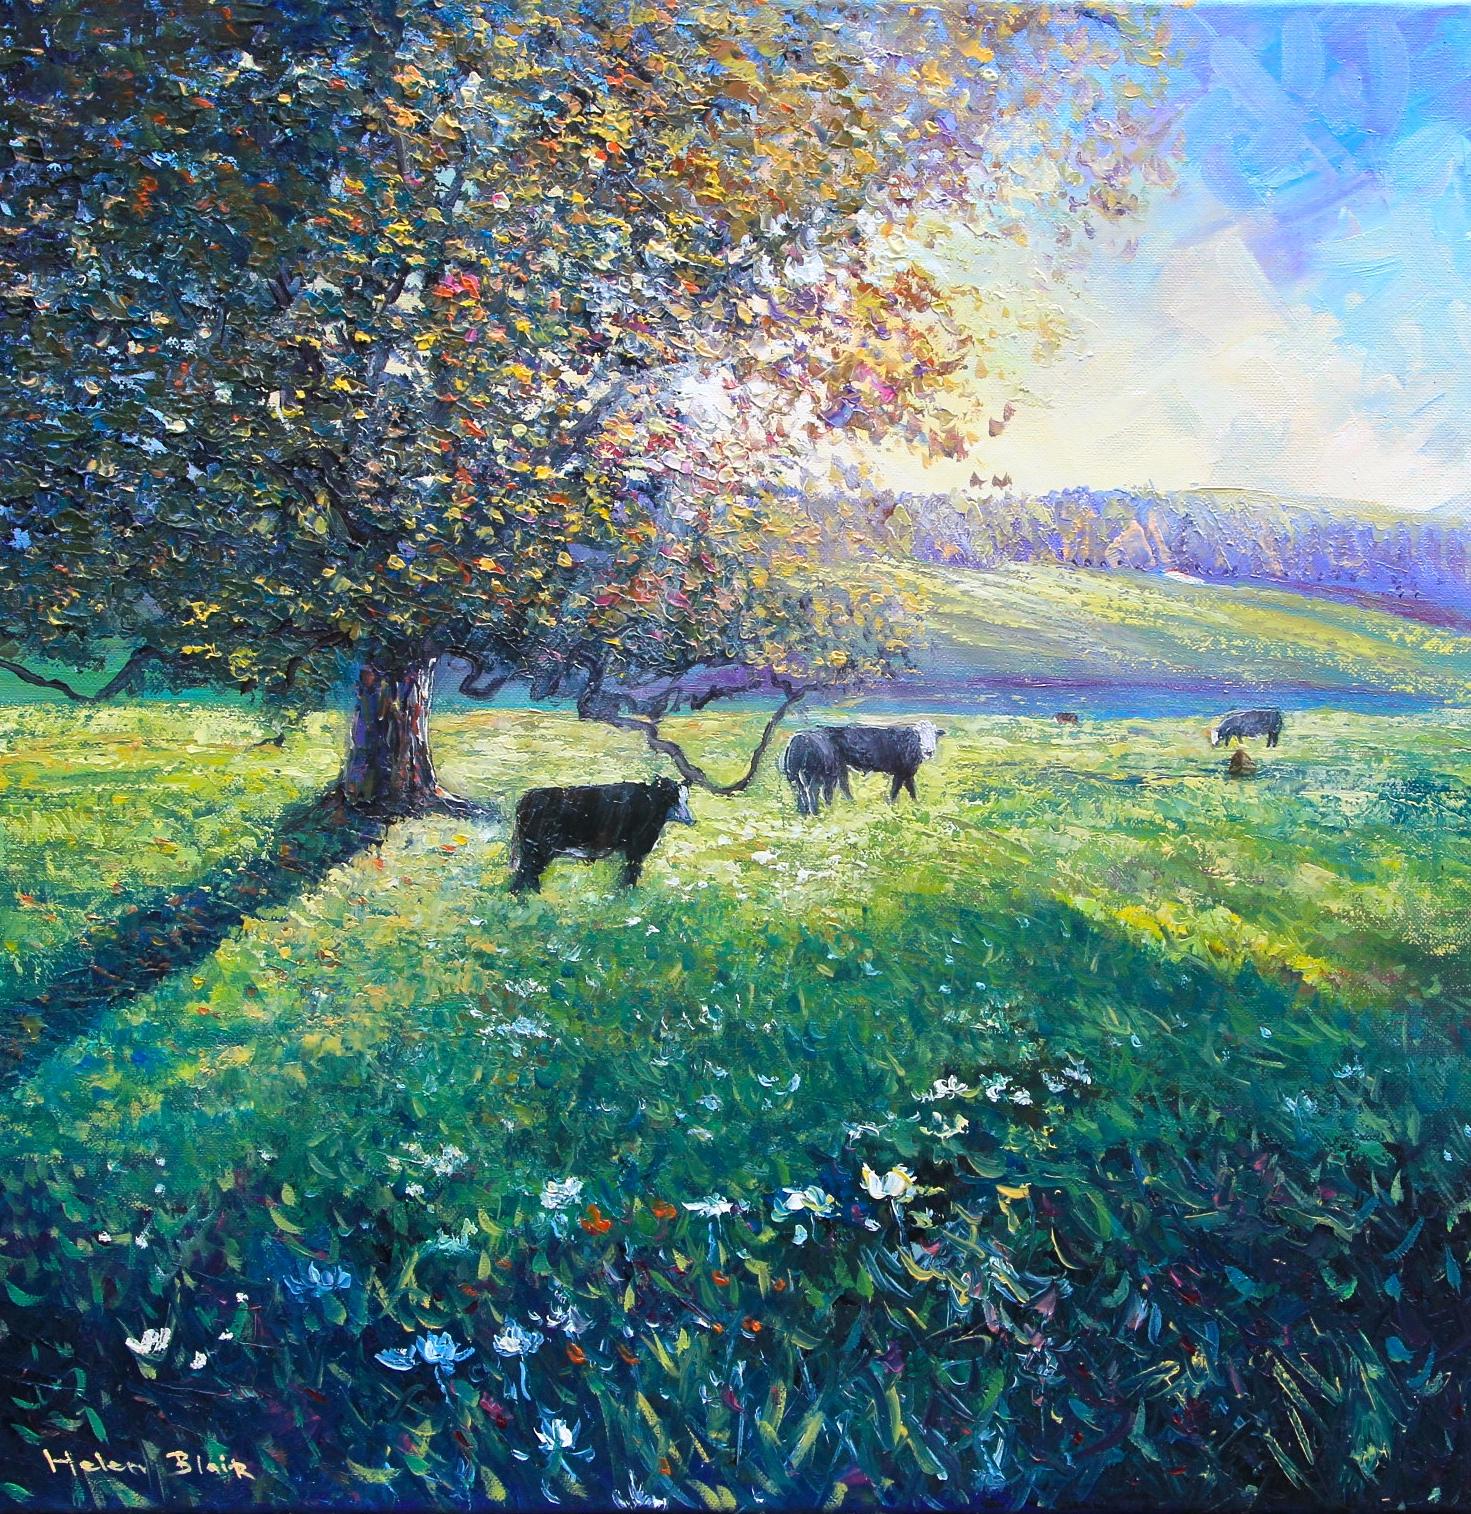 Cows in the Meadow, helenblairsart